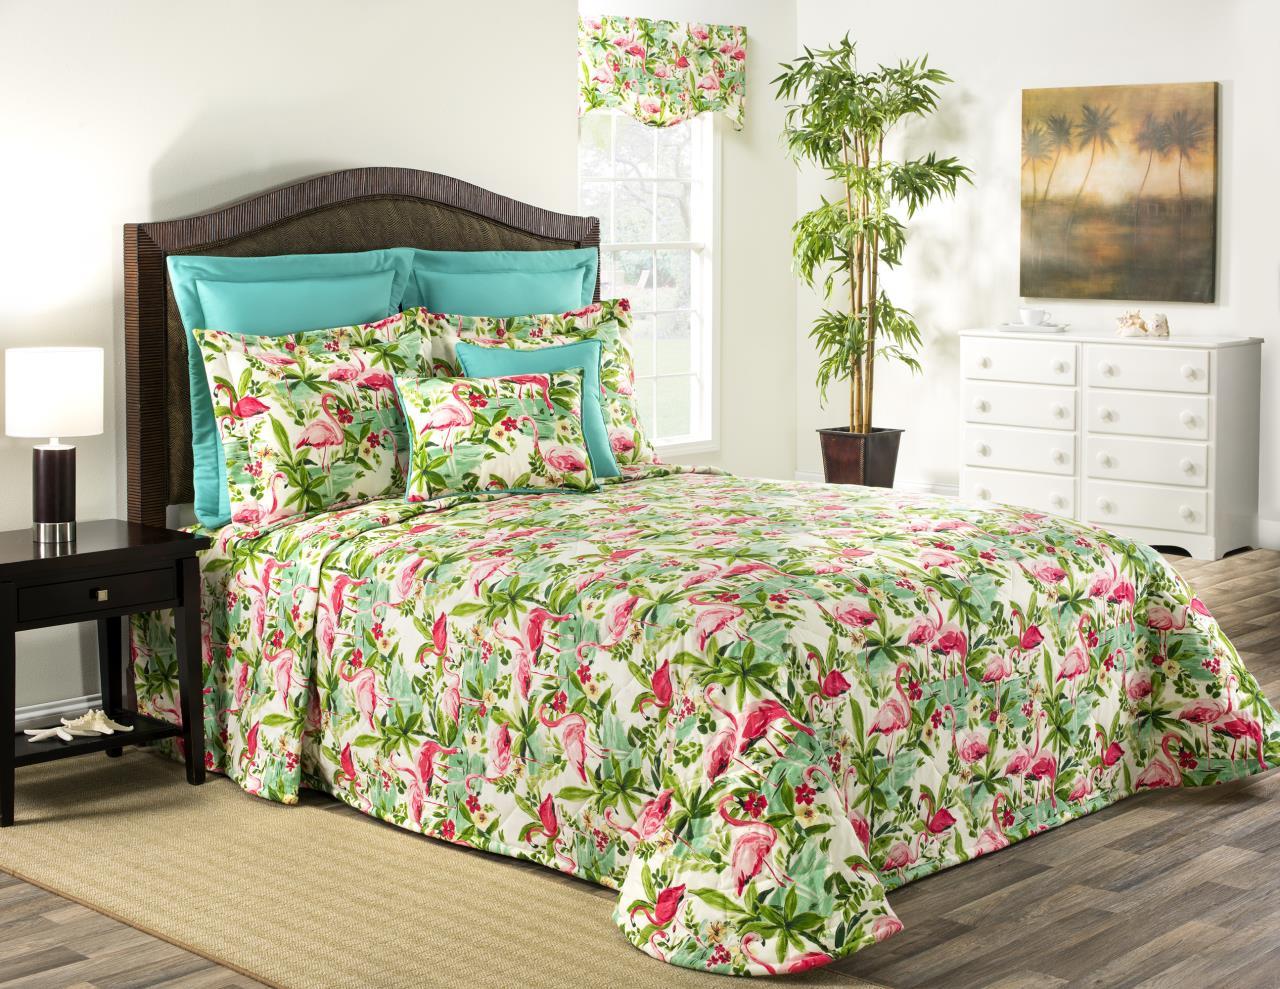 Floridian Flamingo Bedding Collection -